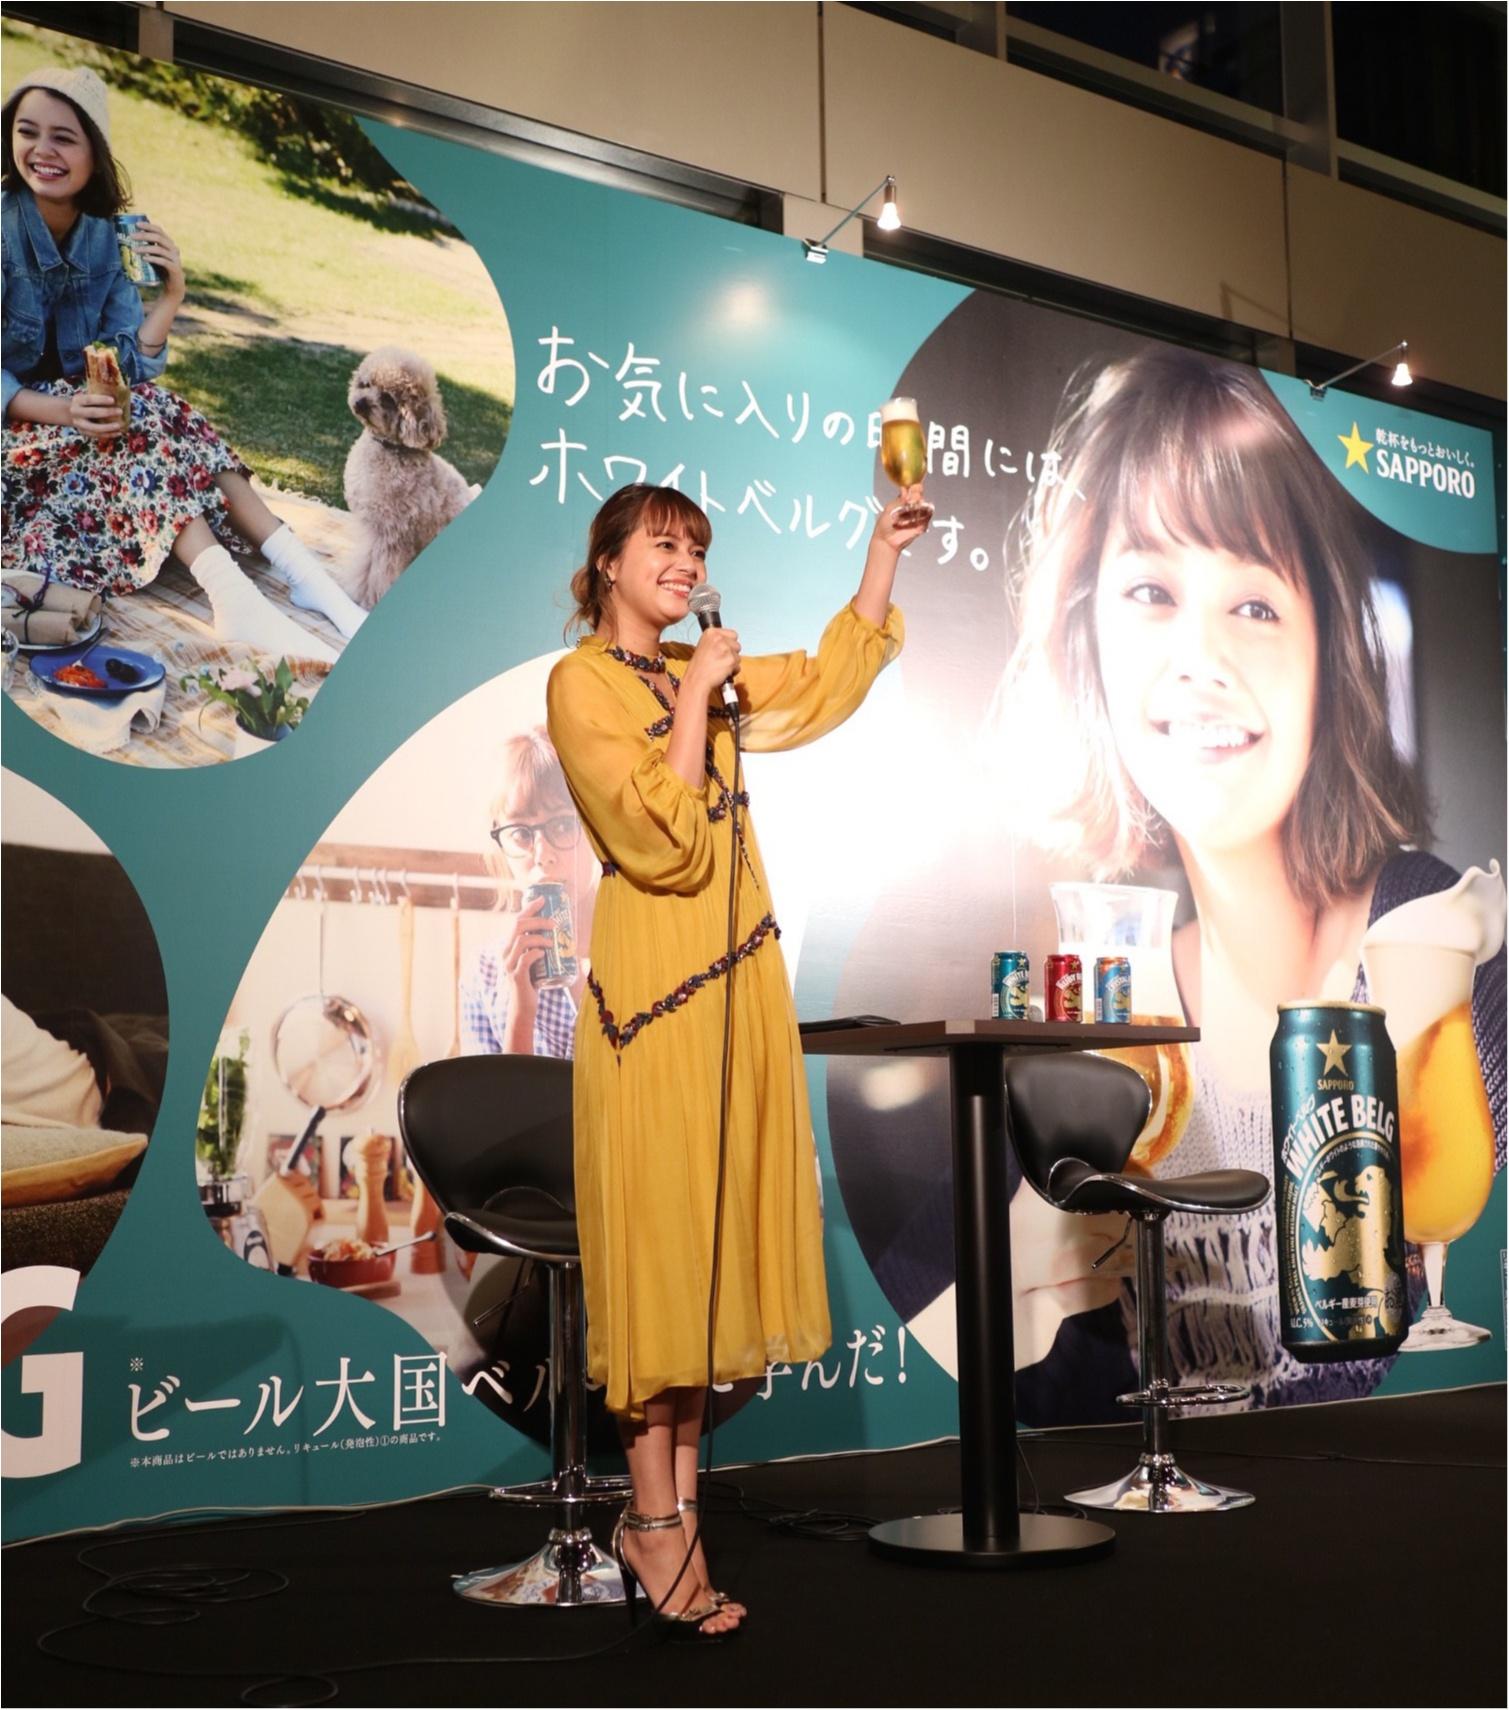 岸本セシルおすすめ♡ 『ホワイトベルグゼミ』ファンイベントに潜入してきました!_2